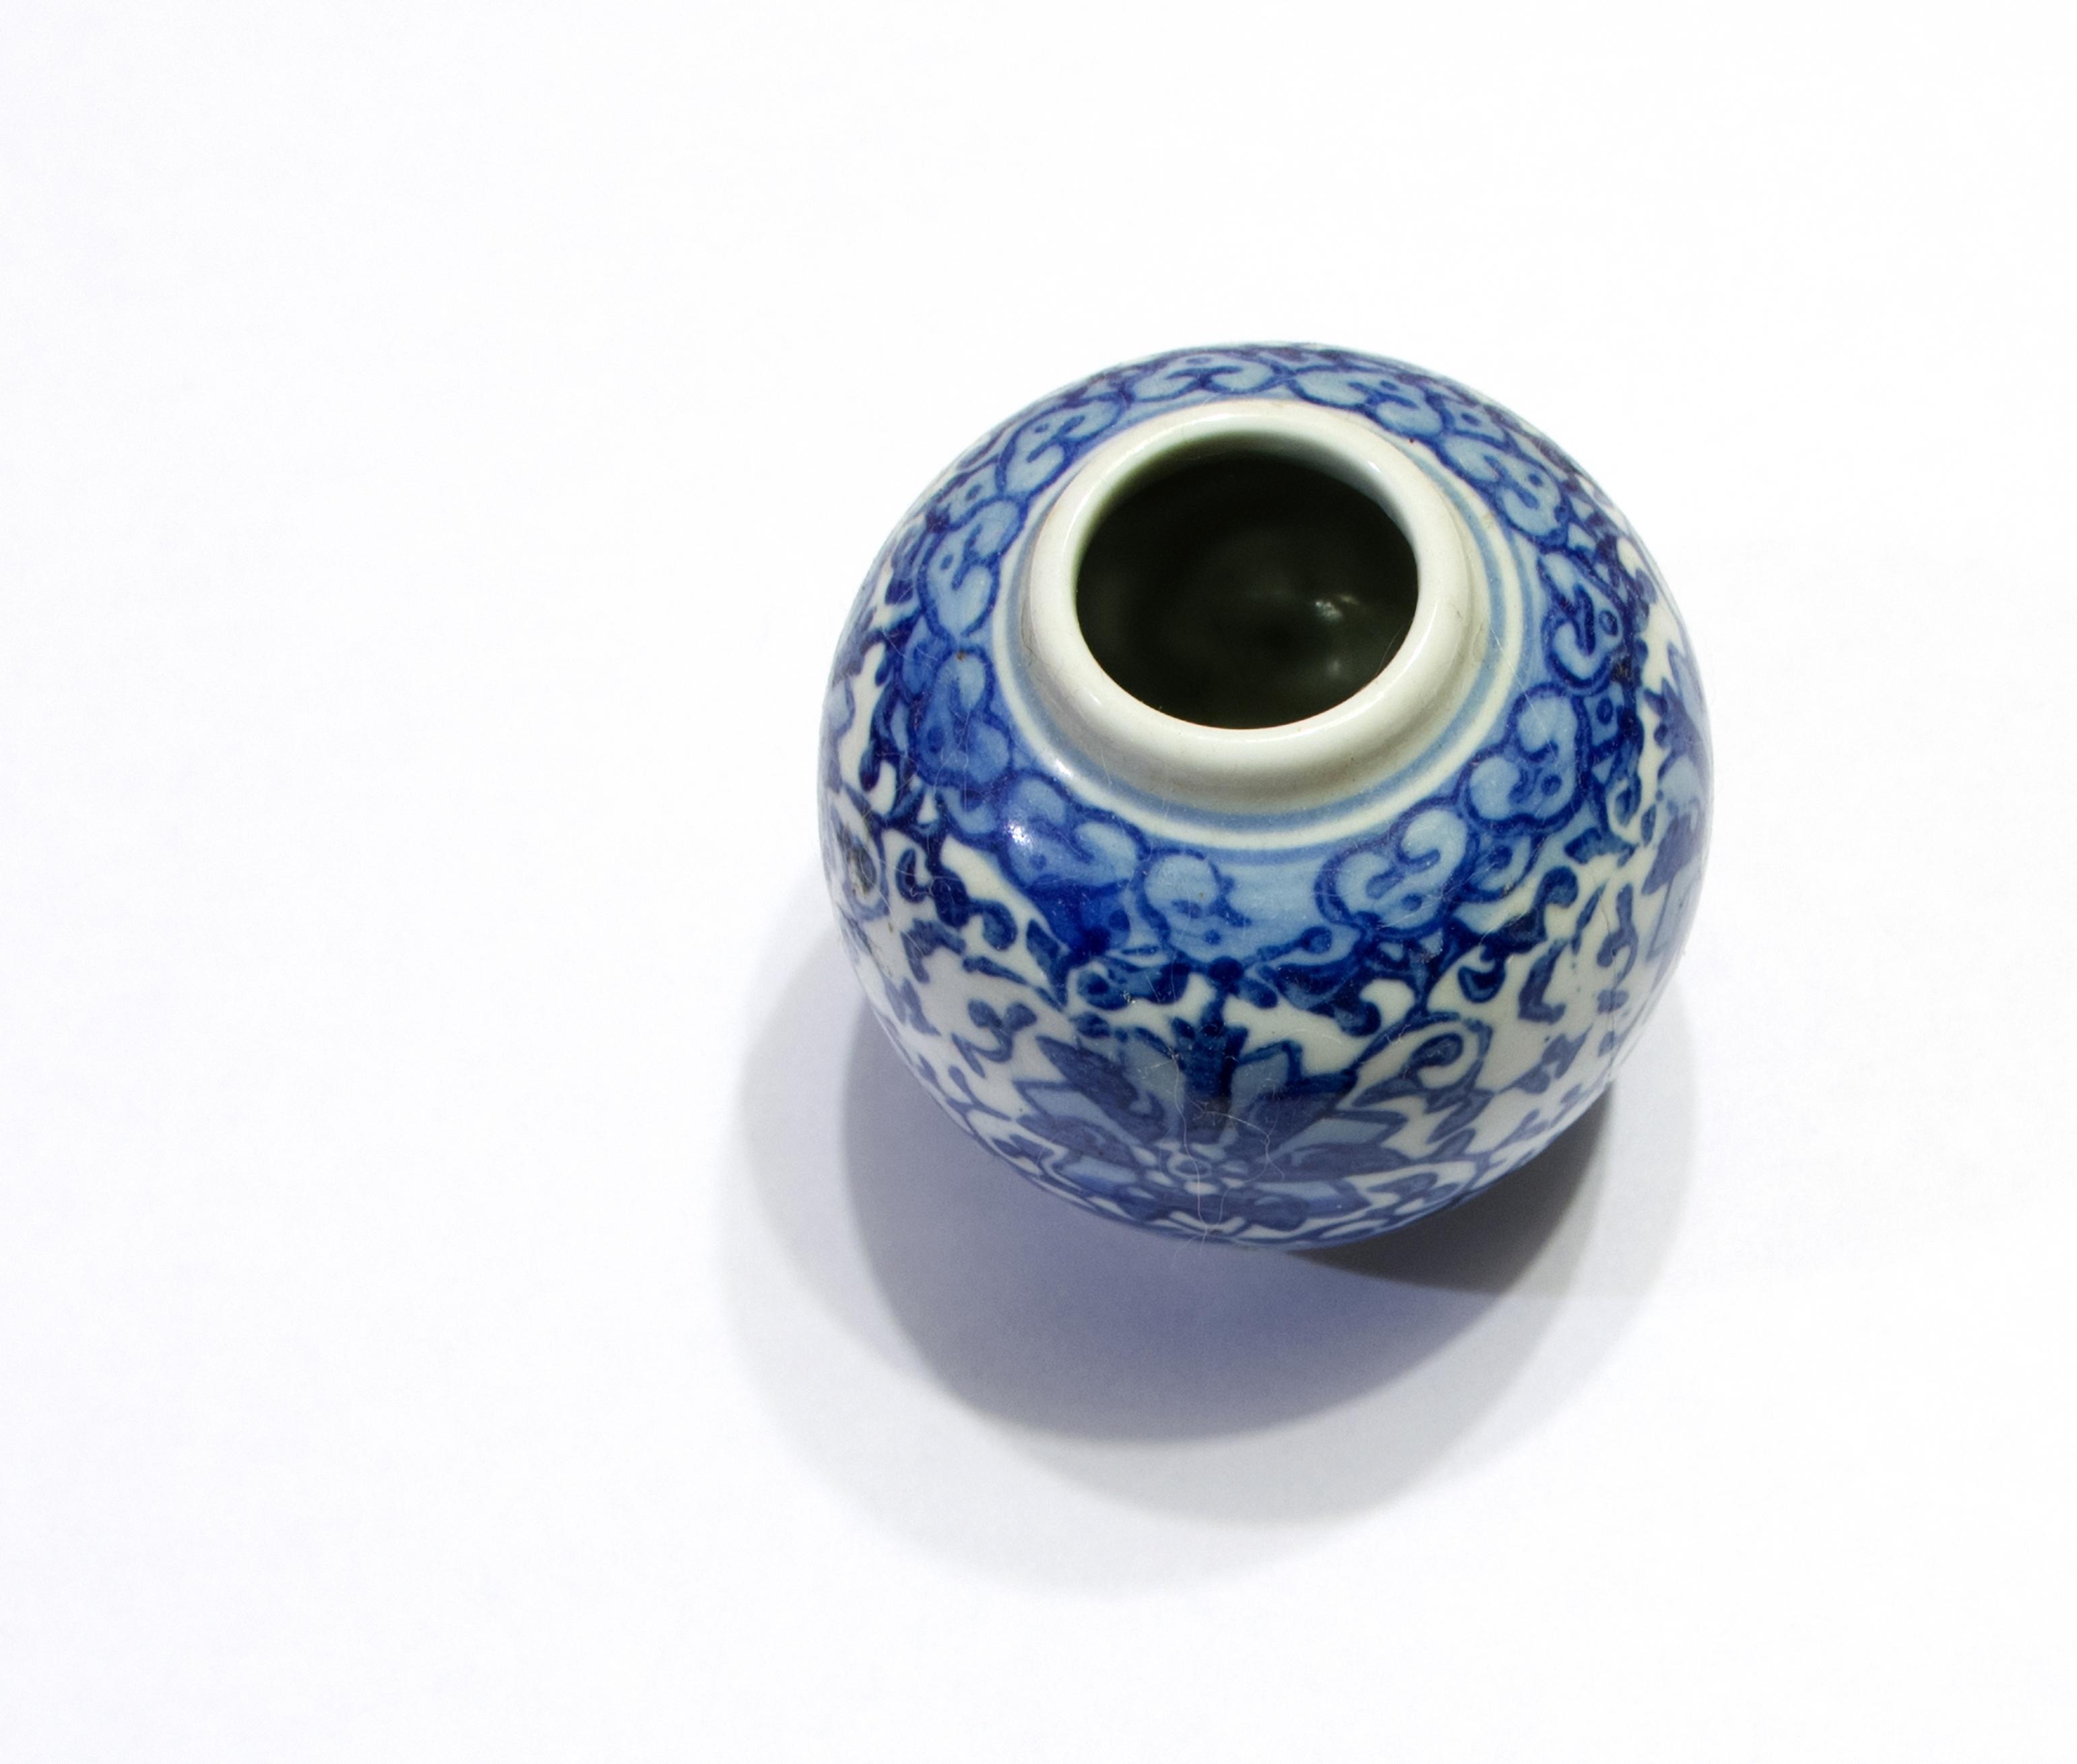 Antiek Chinees Porselein Herkennen.Chinese Vazen Prijs Waarde Bepalen En Herkennen